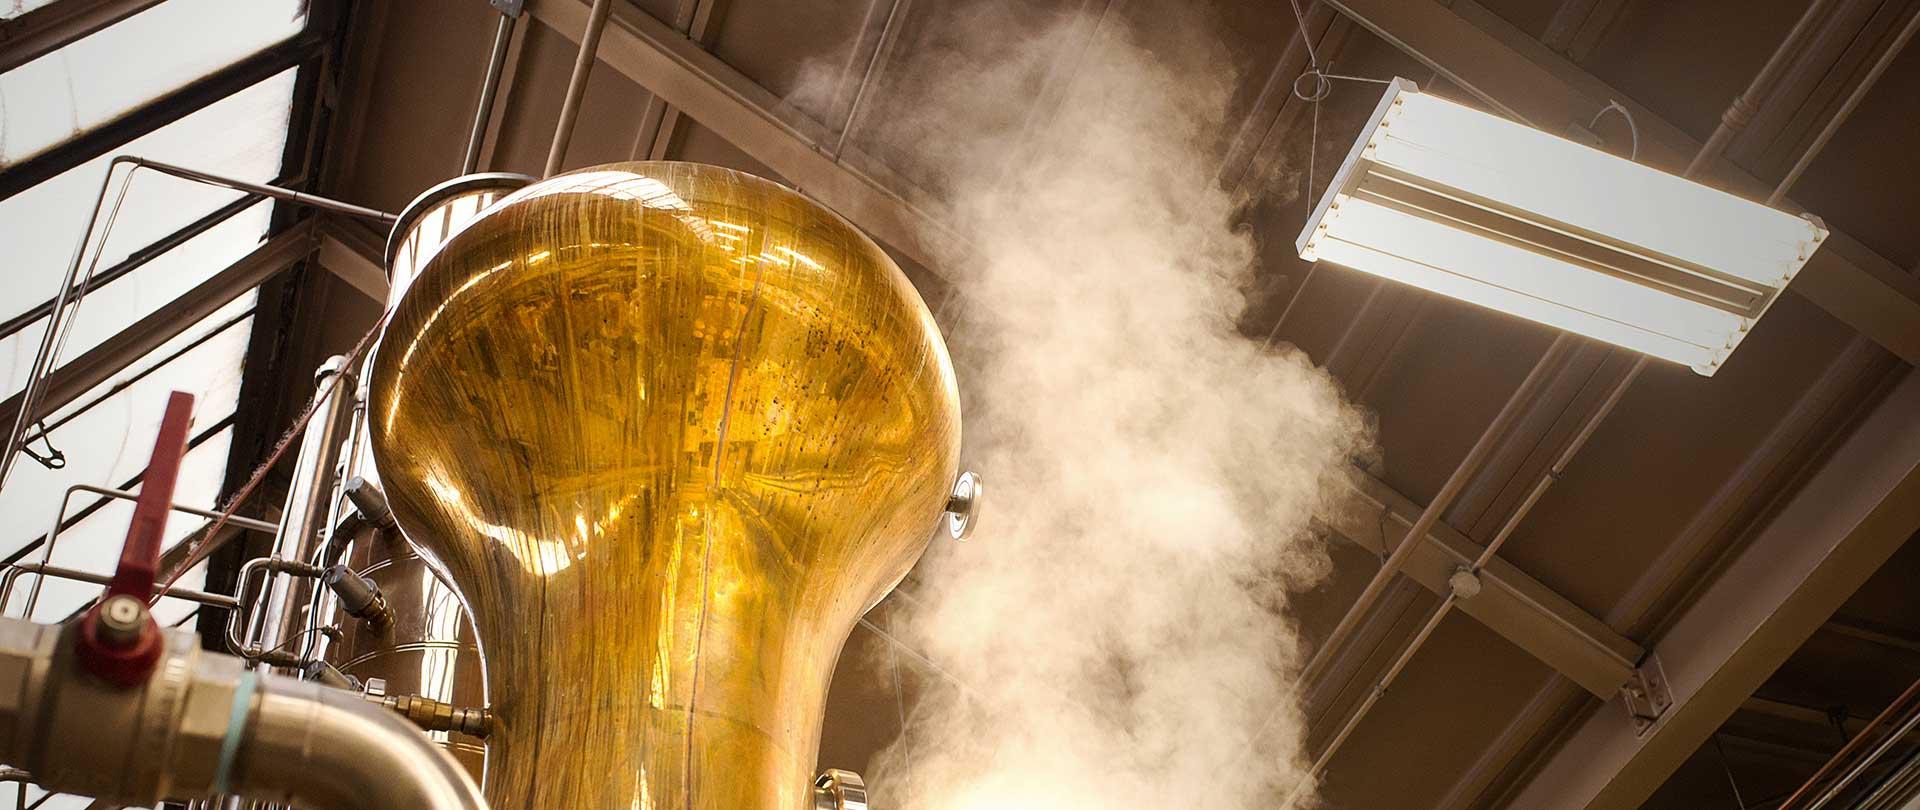 Experience the world of Whisky. – LIQ3 Program